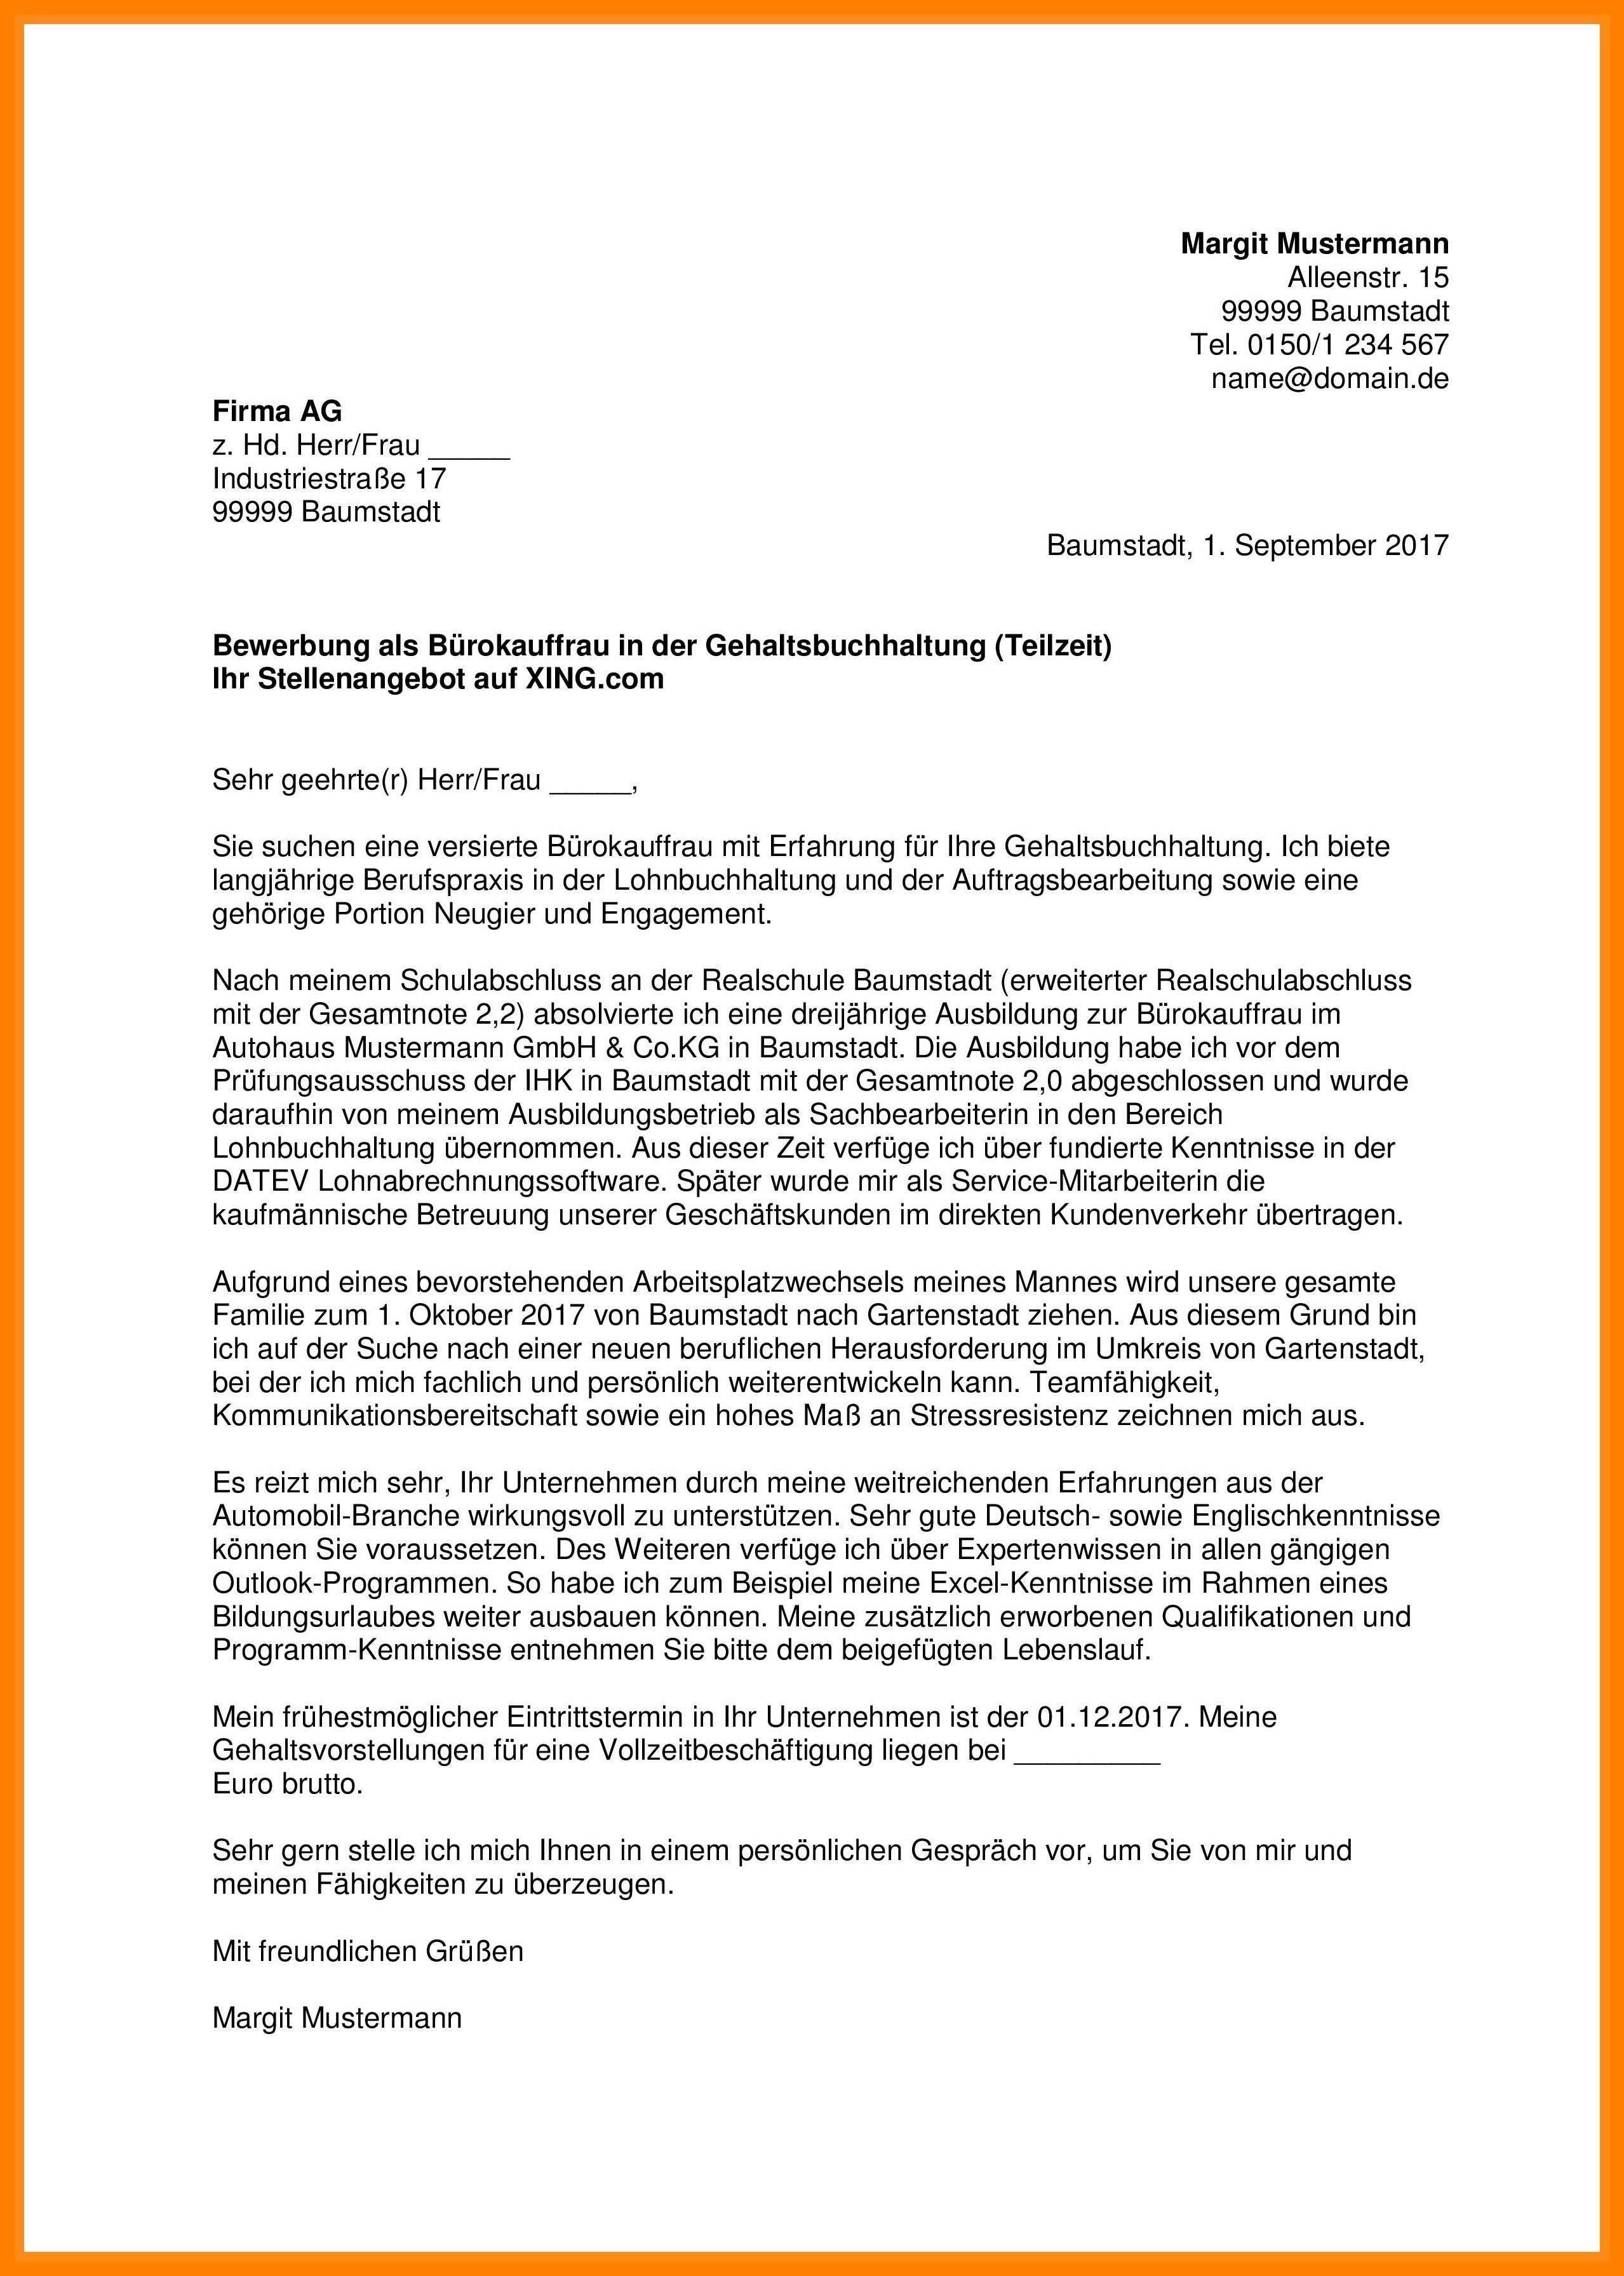 Neu Anschreiben Als Reinigungskraft Briefprobe Briefformat Briefvorlage Vorlagen Lebenslauf Bewerbung Schreiben Bewerbungsschreiben